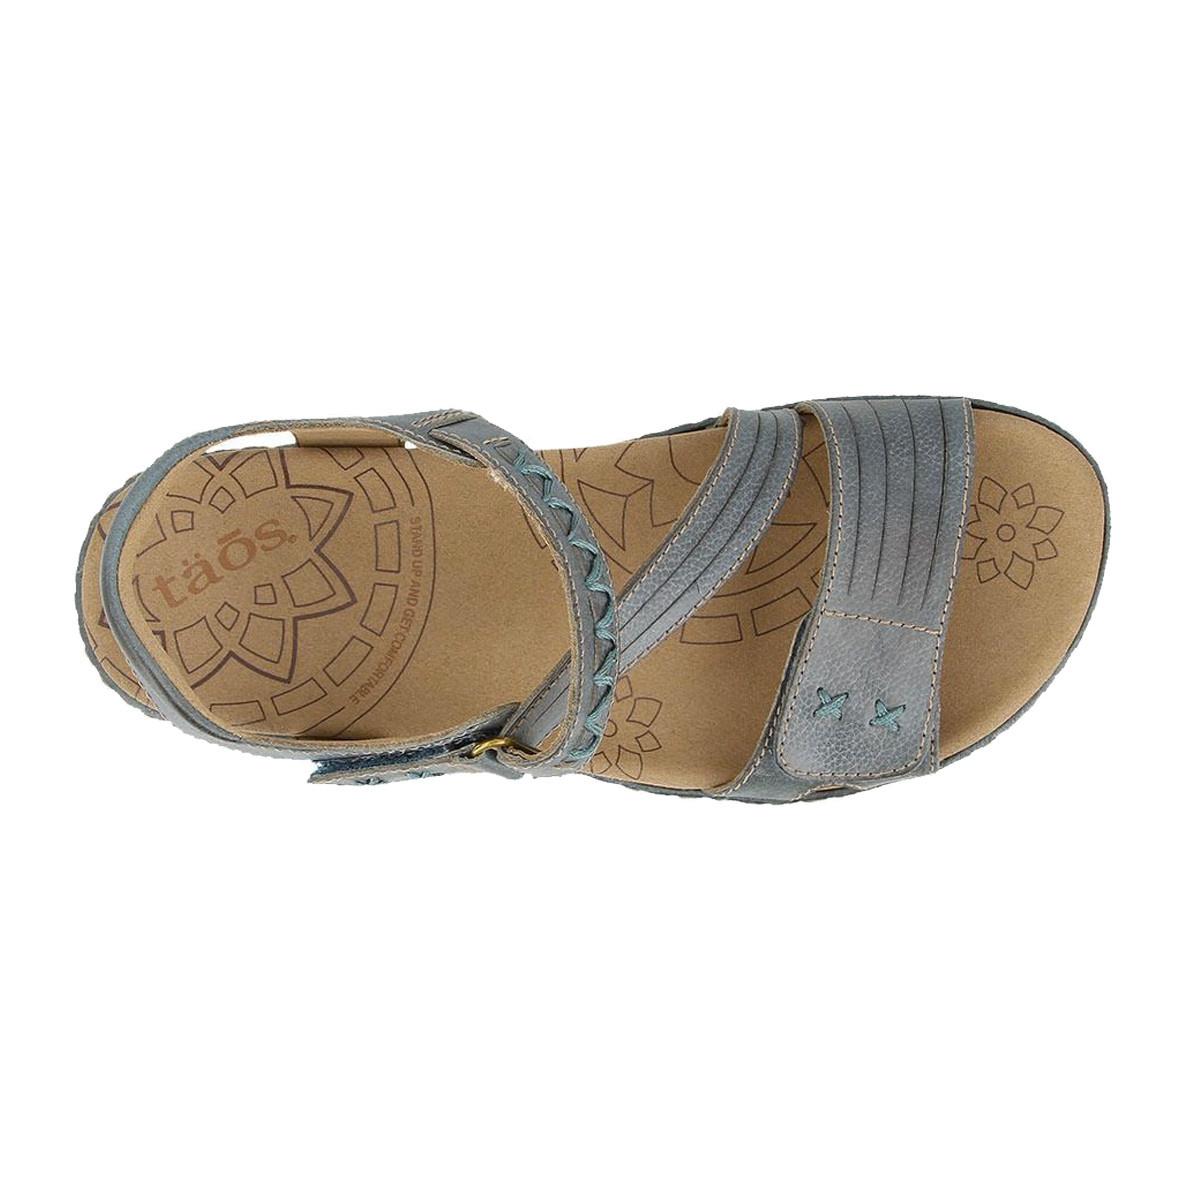 Taos Footwear Taos Women's Zenith Teal